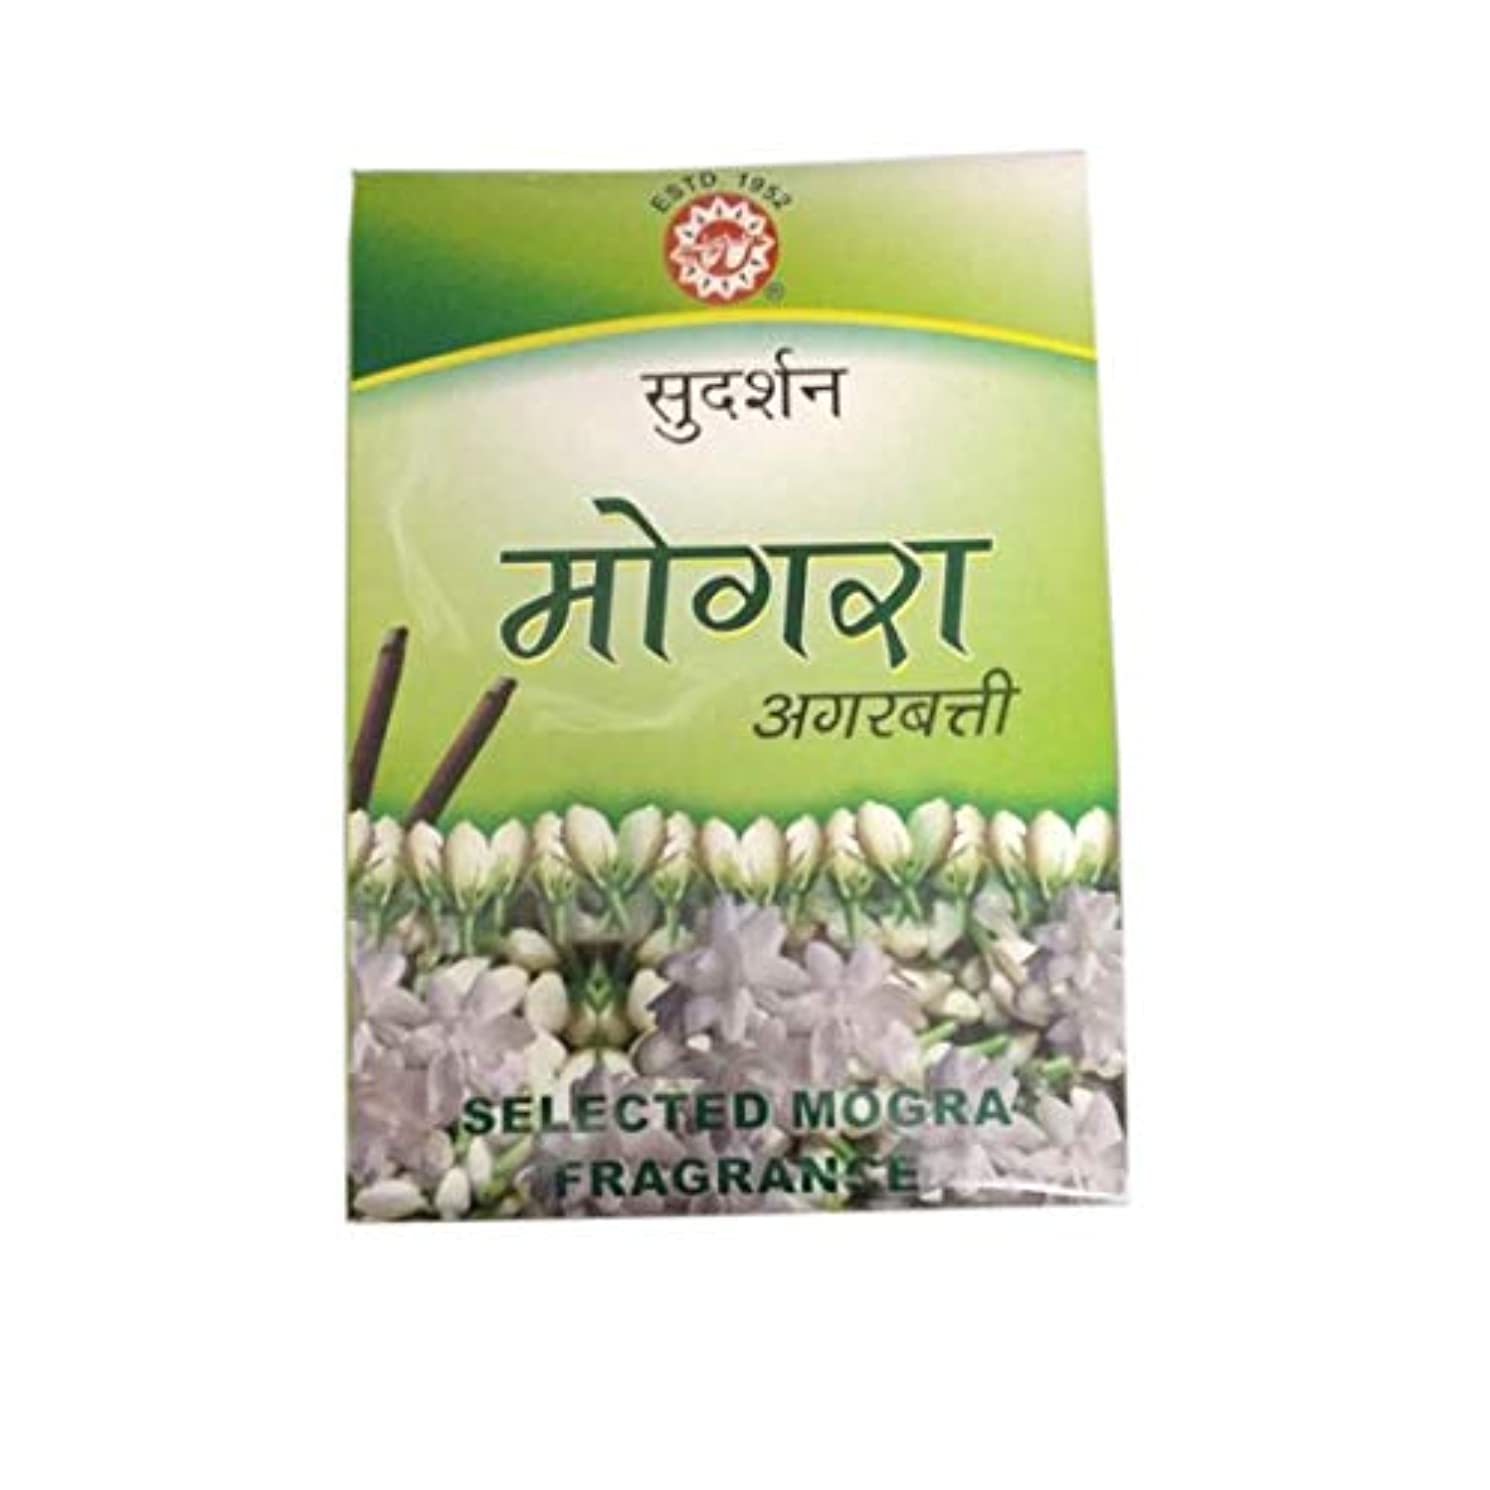 含意きゅうり上院議員Sudarshan Mogra Agarbatti - 12 Sticks Packet 1 Box Fragrance Incense Sticks for Positivity & Freshness Lavender...